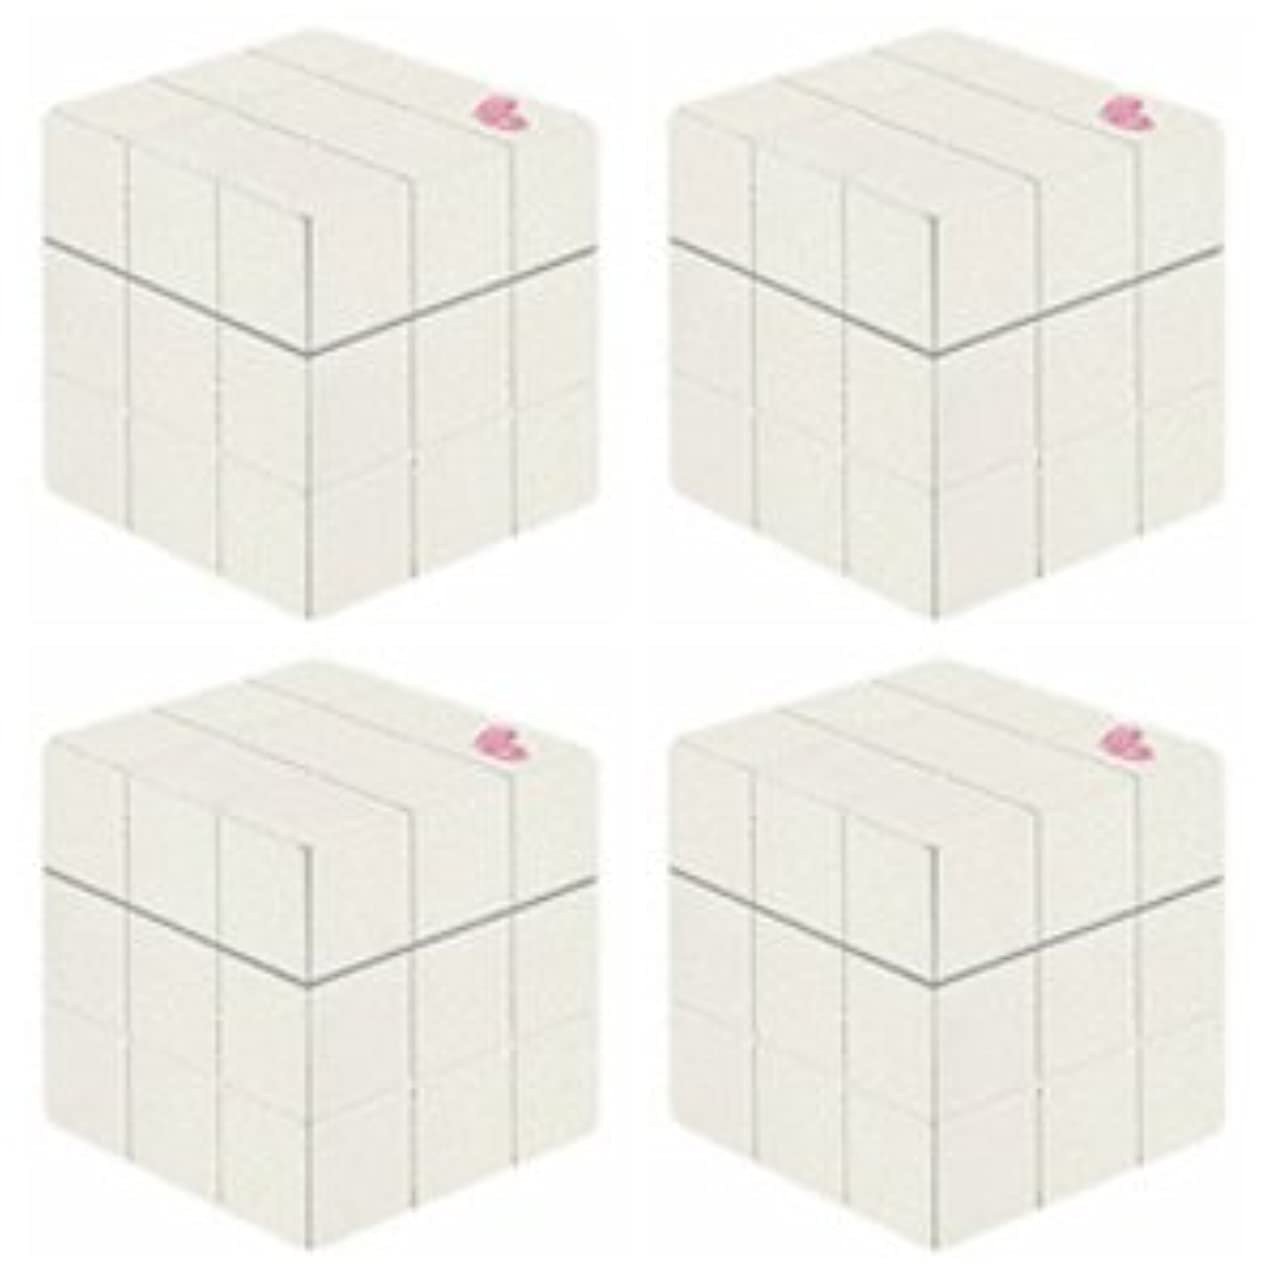 ハチレキシコンイノセンス【X4個セット】 アリミノ ピース プロデザインシリーズ グロスワックス ホワイト 80g ARIMINO